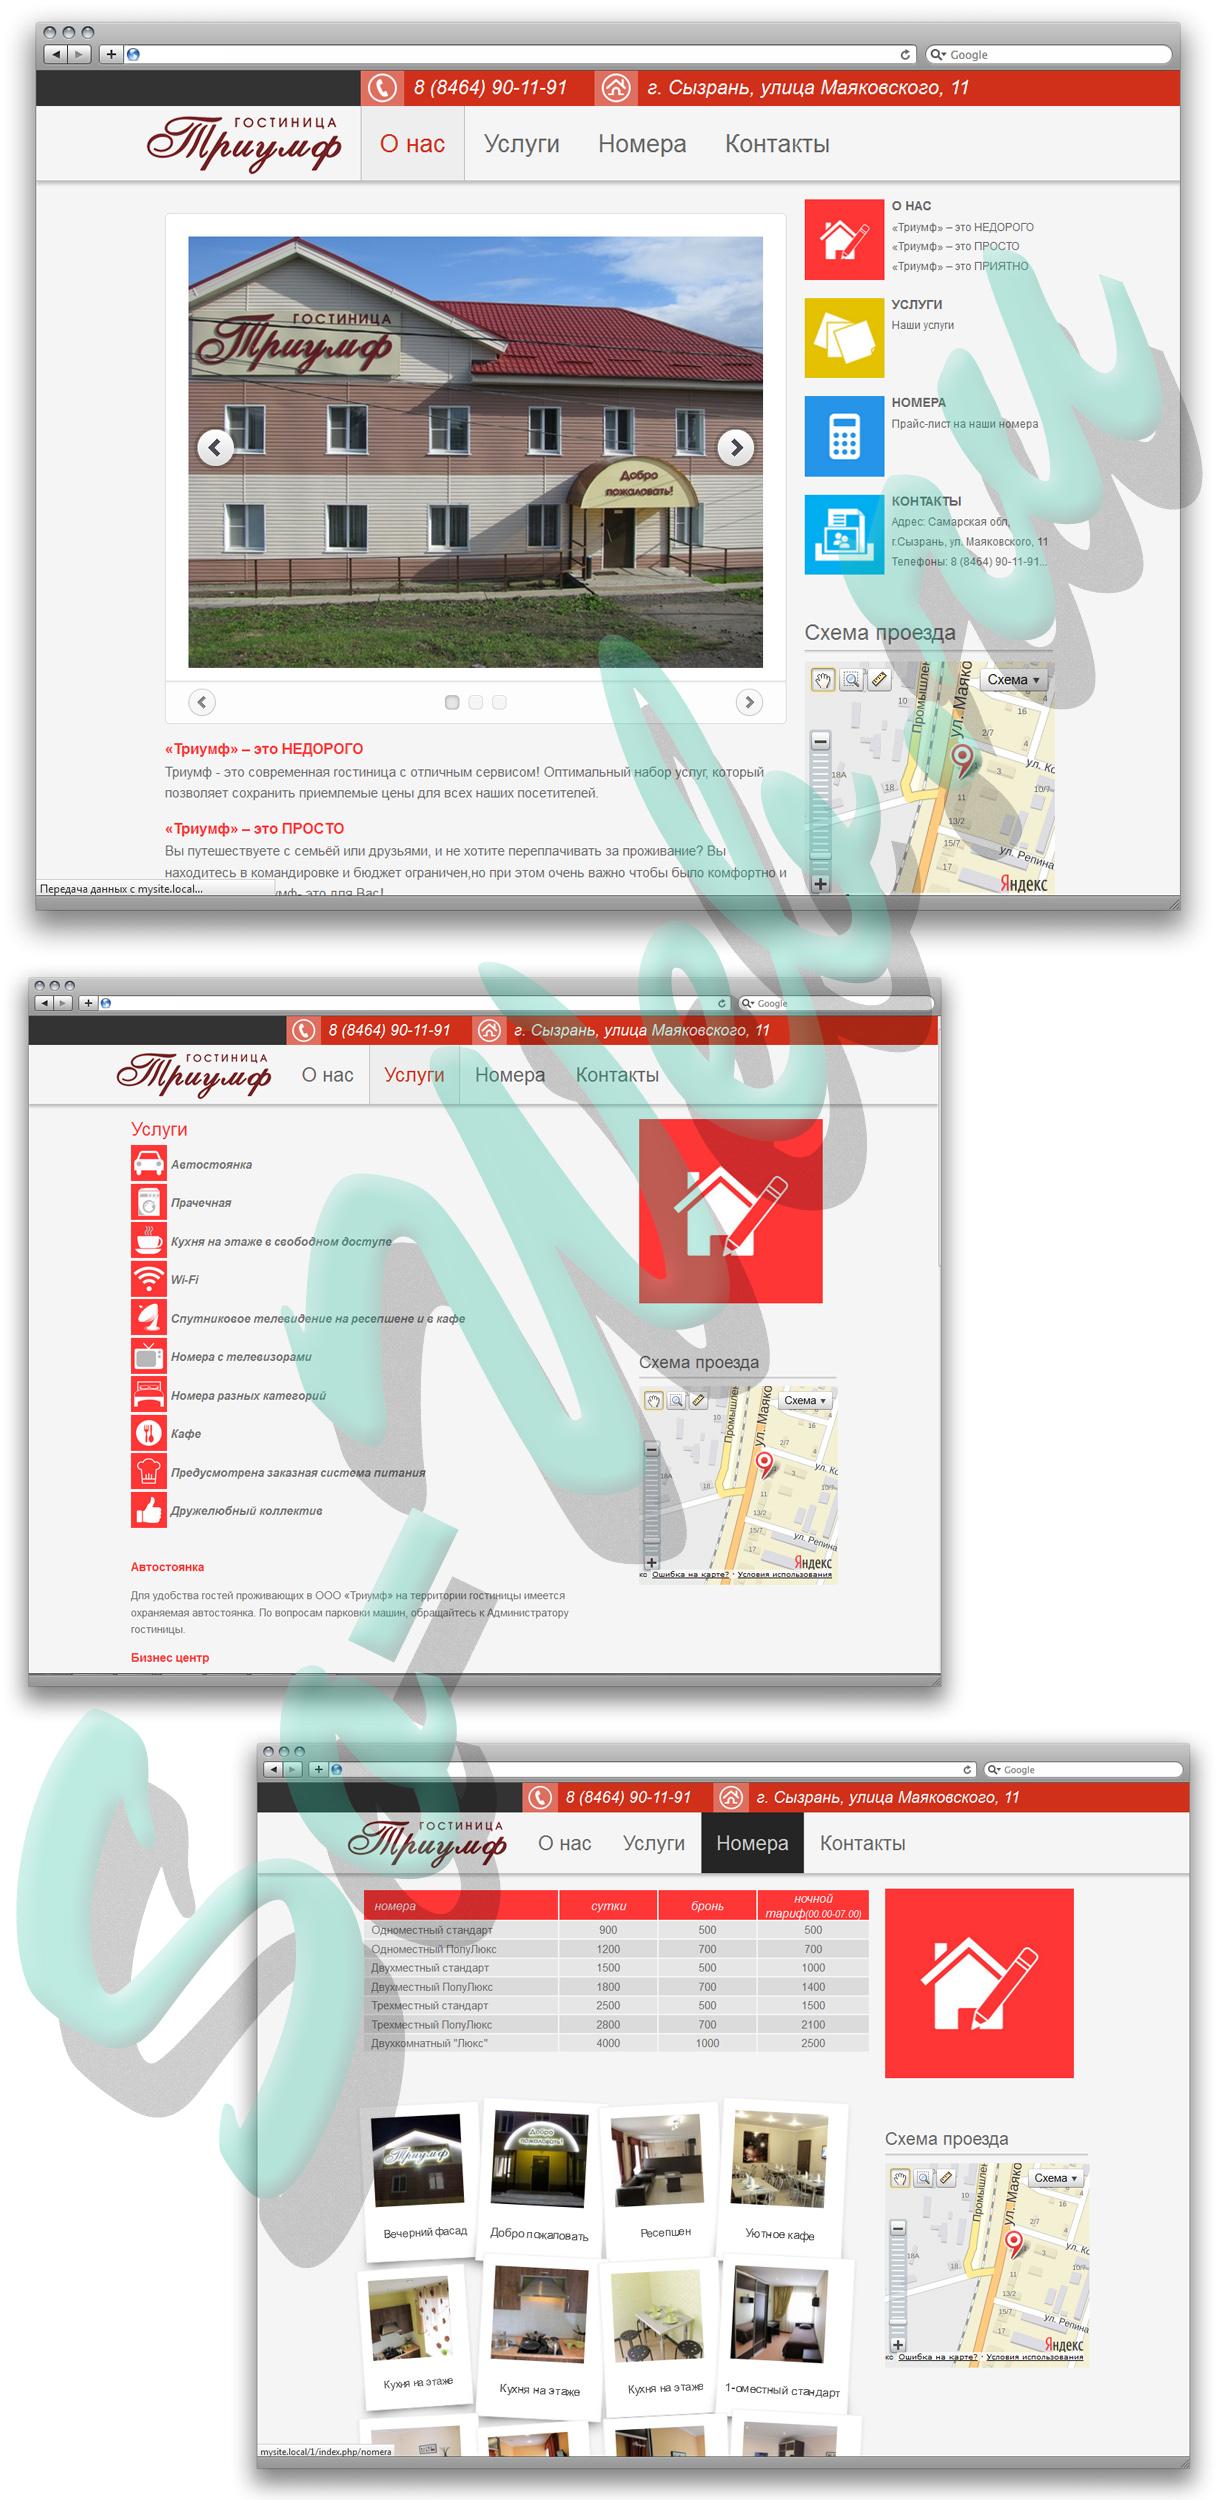 Сайт-визитка гостиницы Триумф г.Сызрань